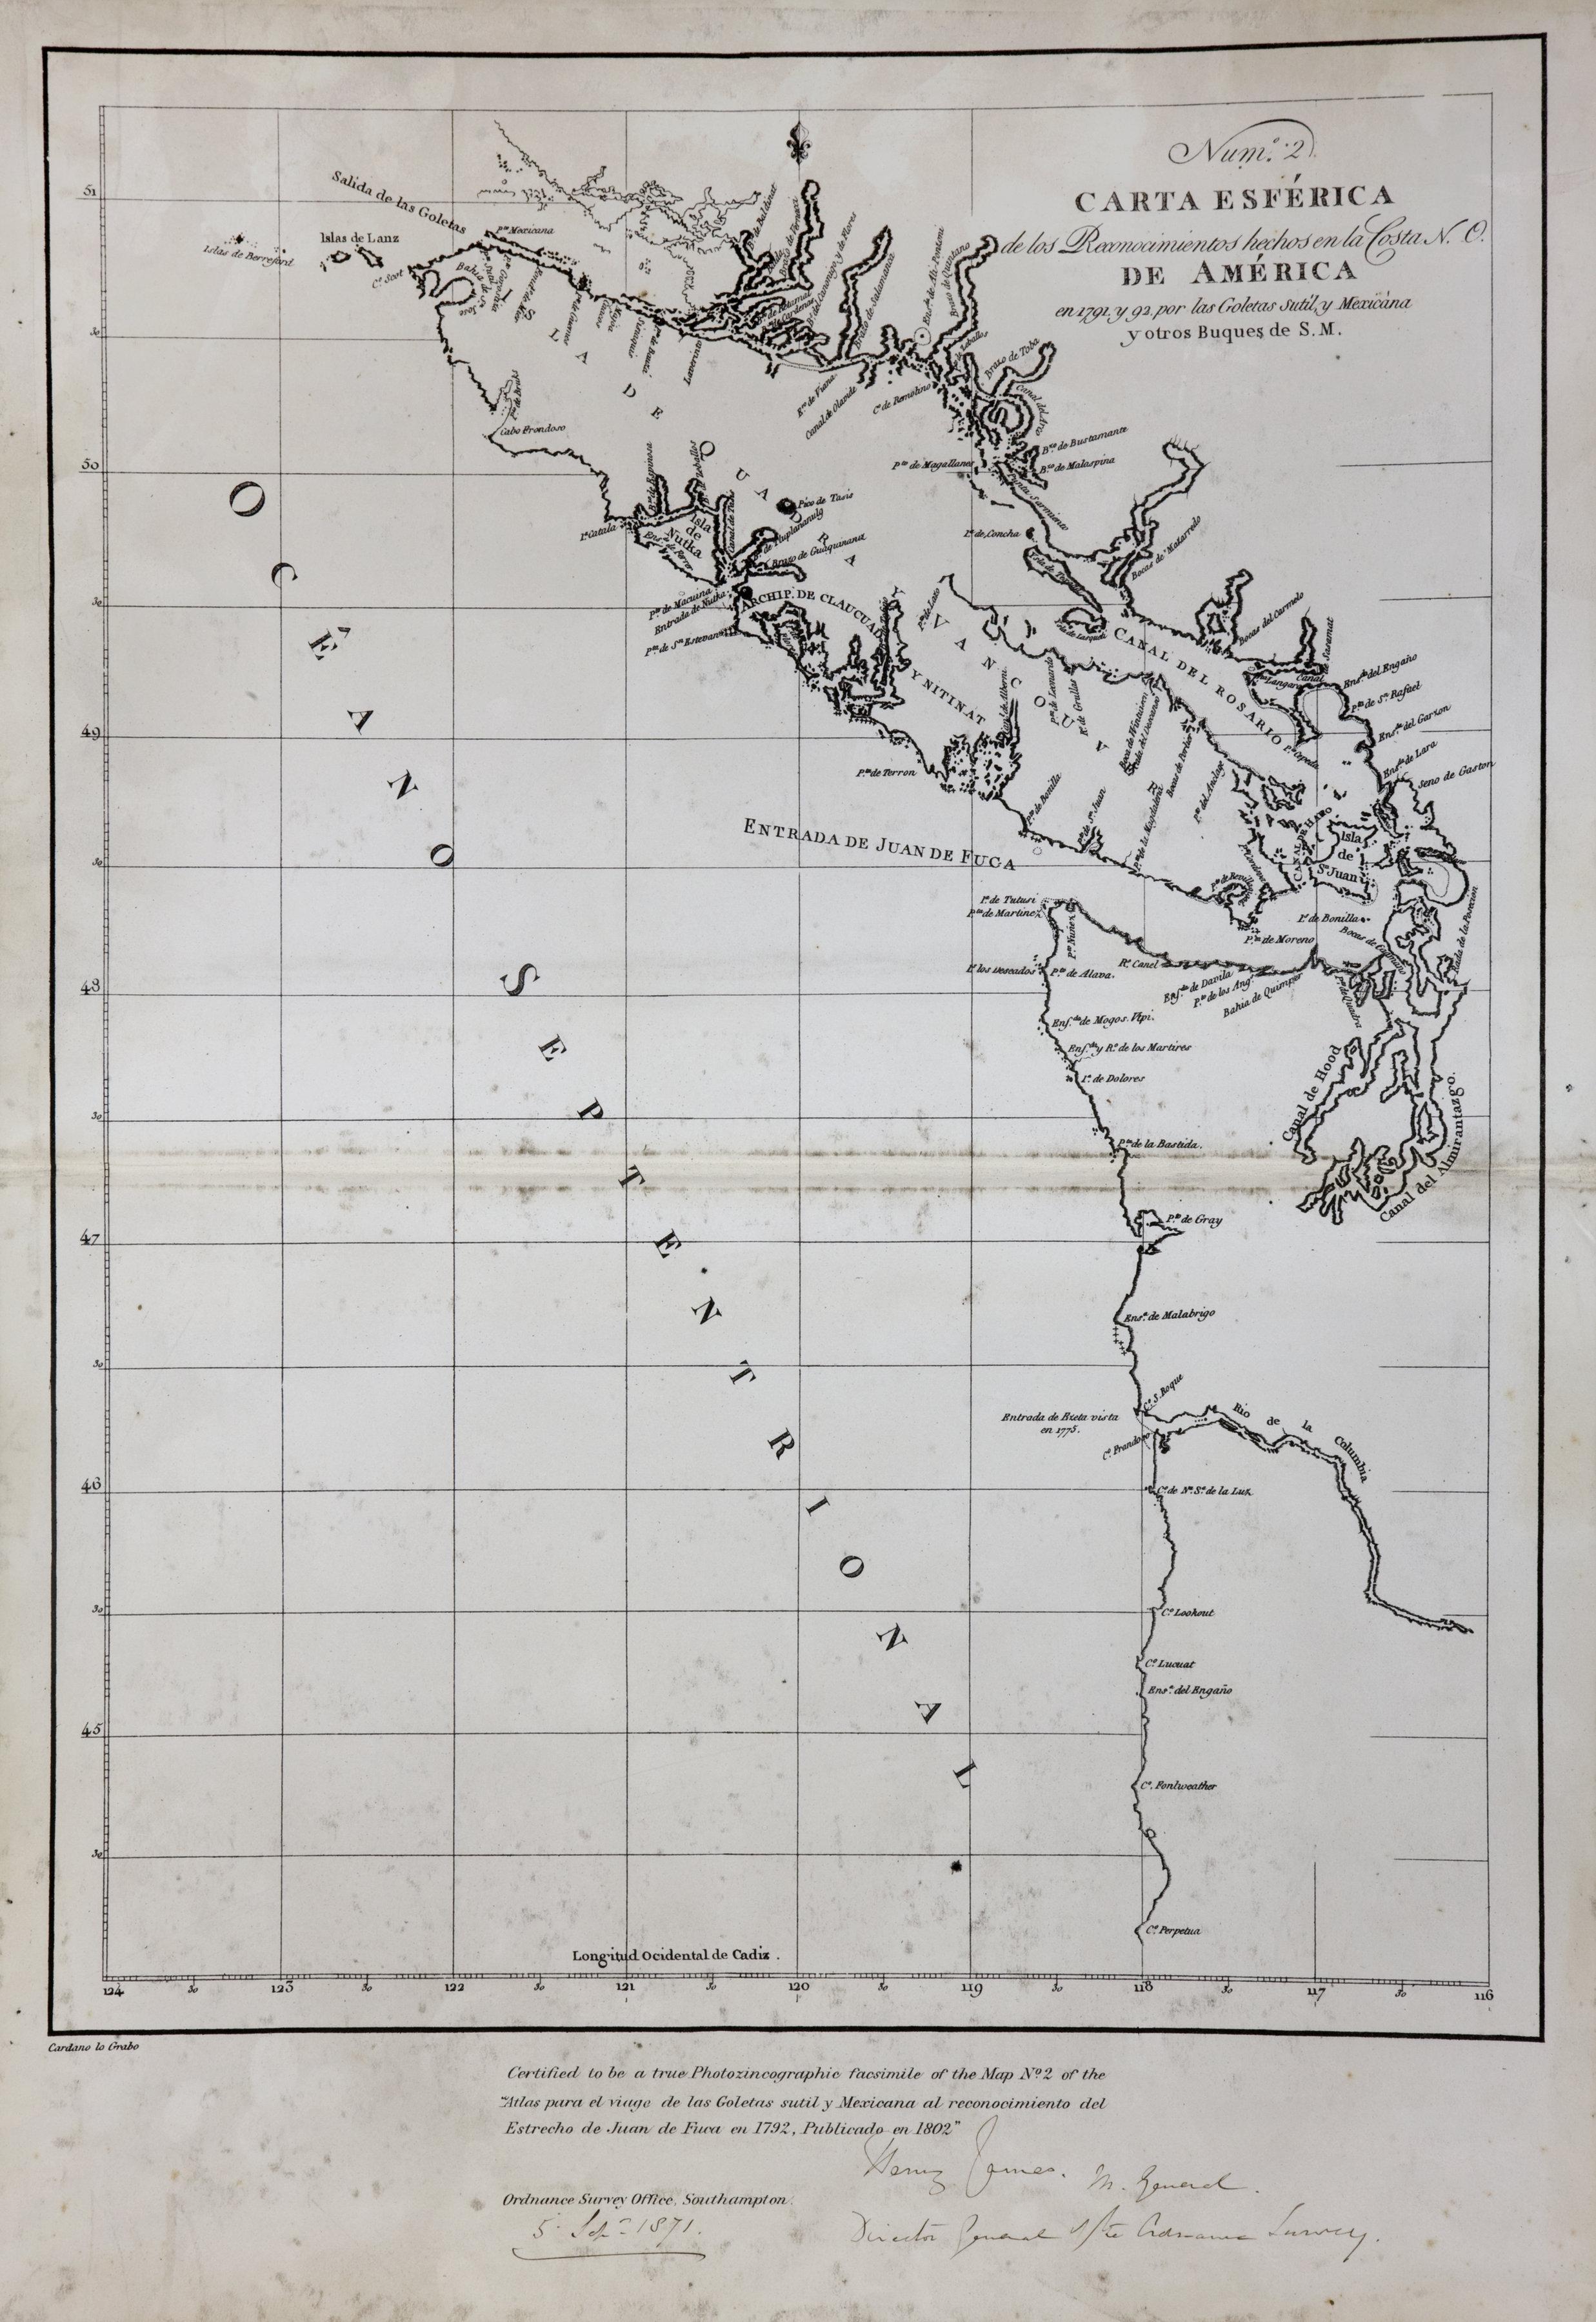 Carta Esferica de los Reconocimientos hechos en la Costa N. O. de America en 1791 y 92 por las Goletas sutil, y Mexicana y otros Buques de S.M.